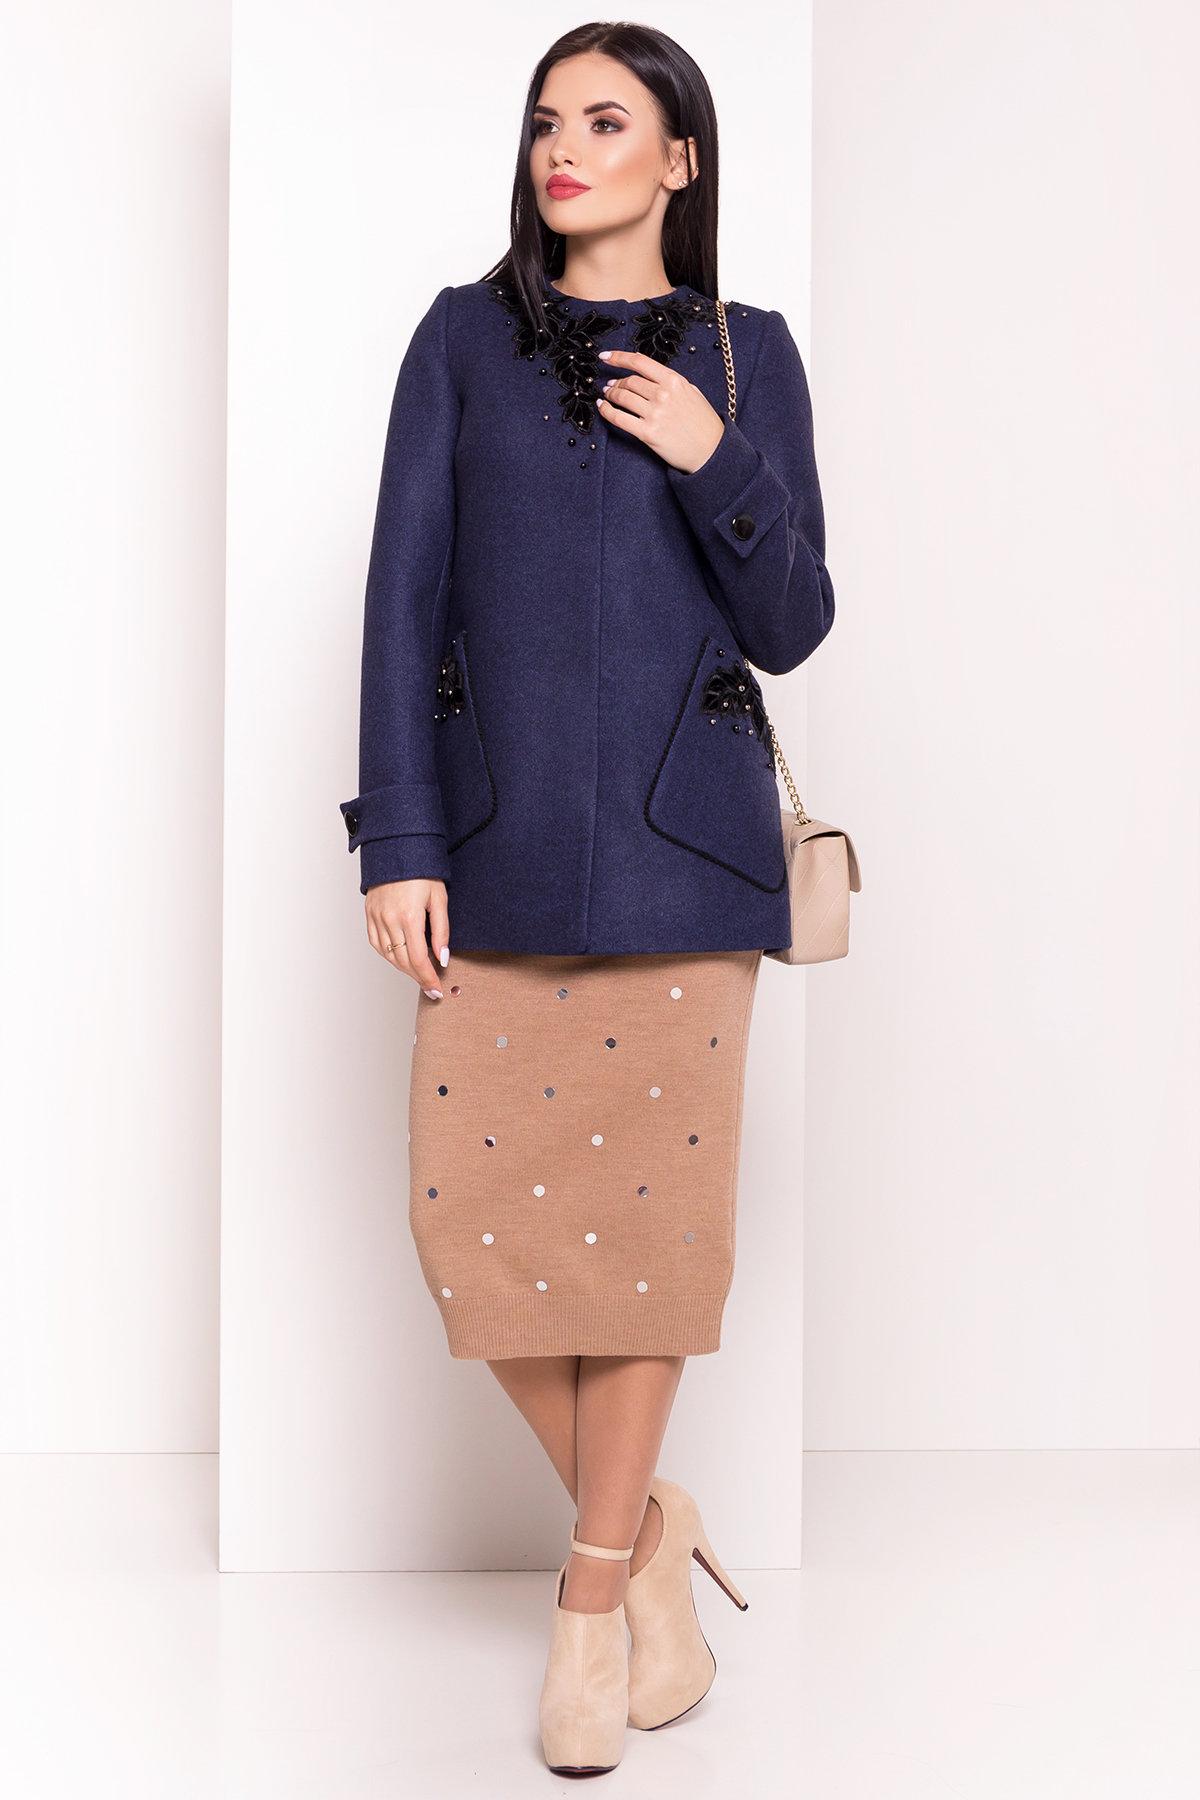 Пальто стеганное демисезонное женское цена от Modus Укороченное пальто-трапеция с вышивкой Латта 5526